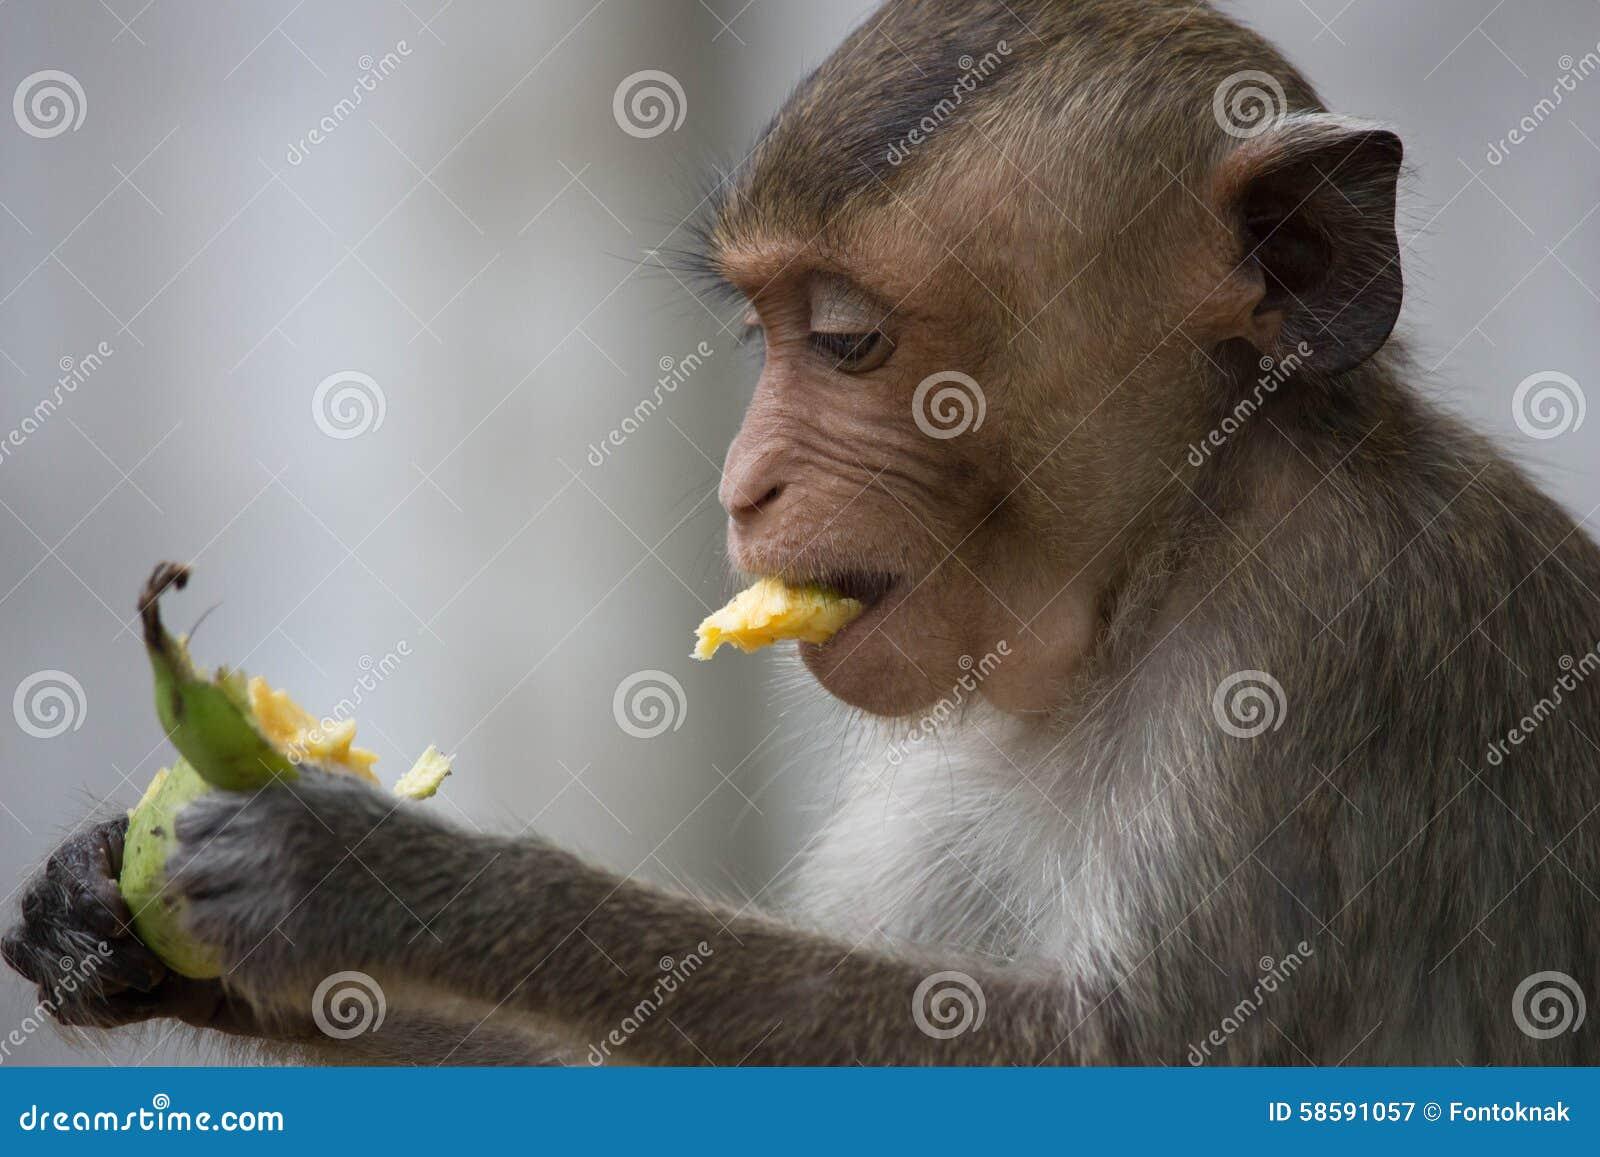 猴子囹�!��:d�yc!y�+�.�9.b9�c9kd_猴子在泰国的一个自然森林里吃着.